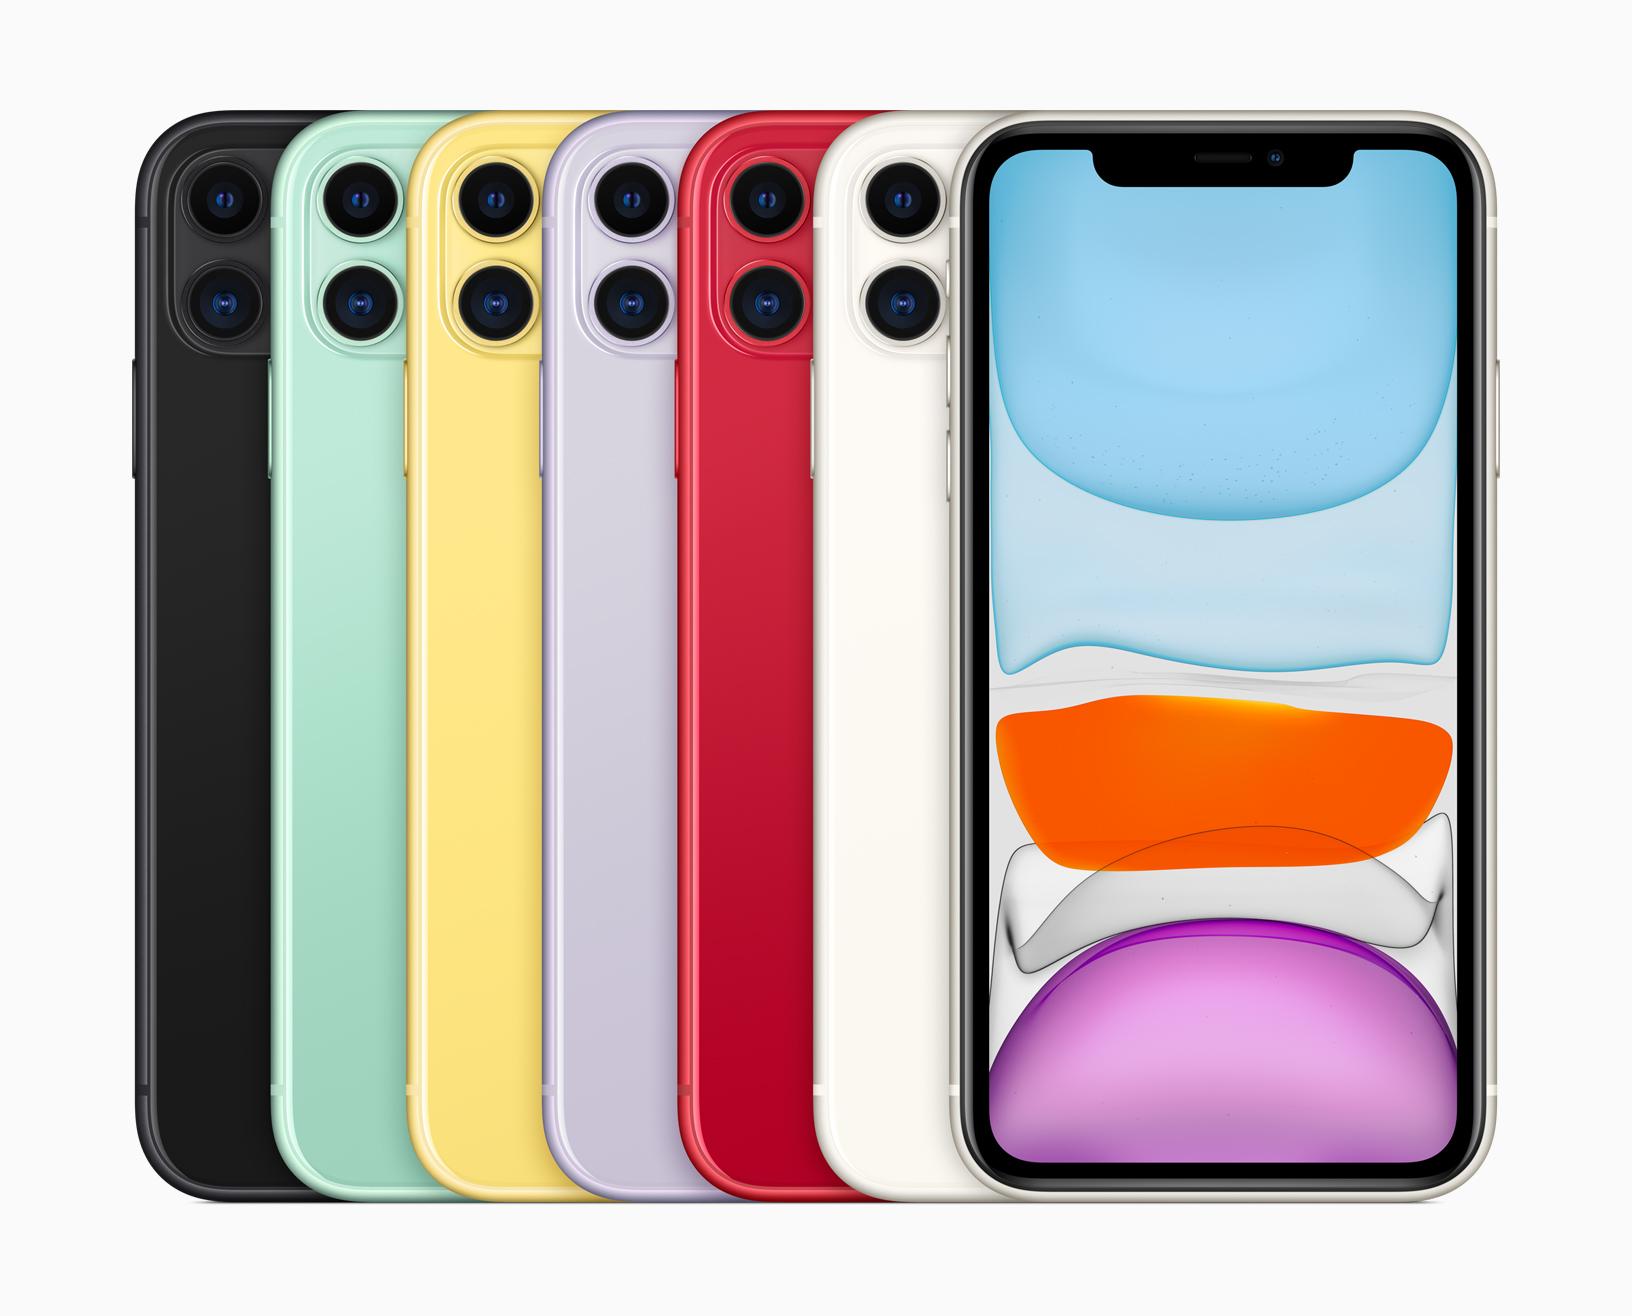 מתי אפל תשיק את האייפון הבא?